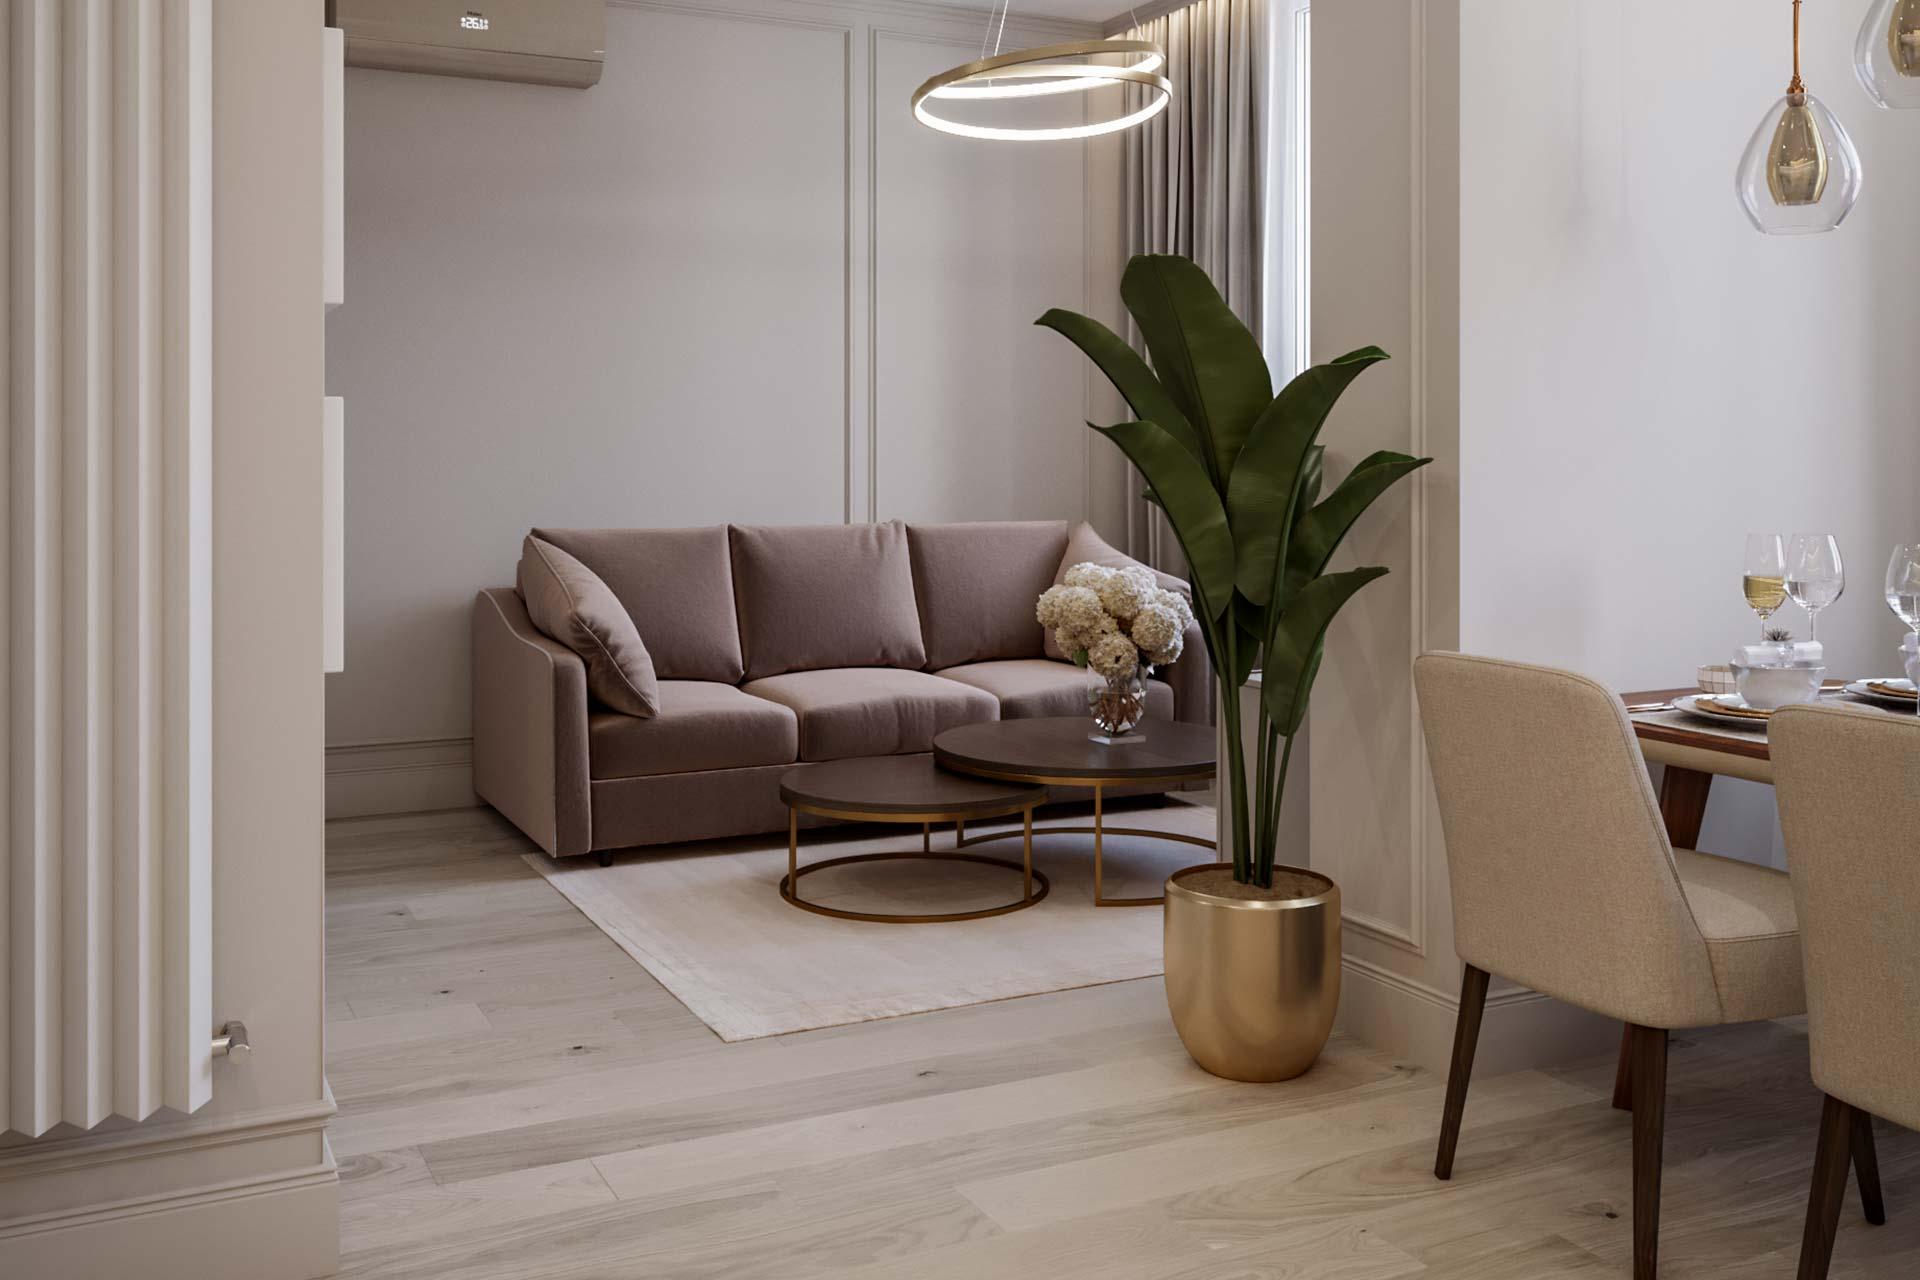 Дизайн интерьера квартиры-студии в ЖК Династия | Дизайн-проект